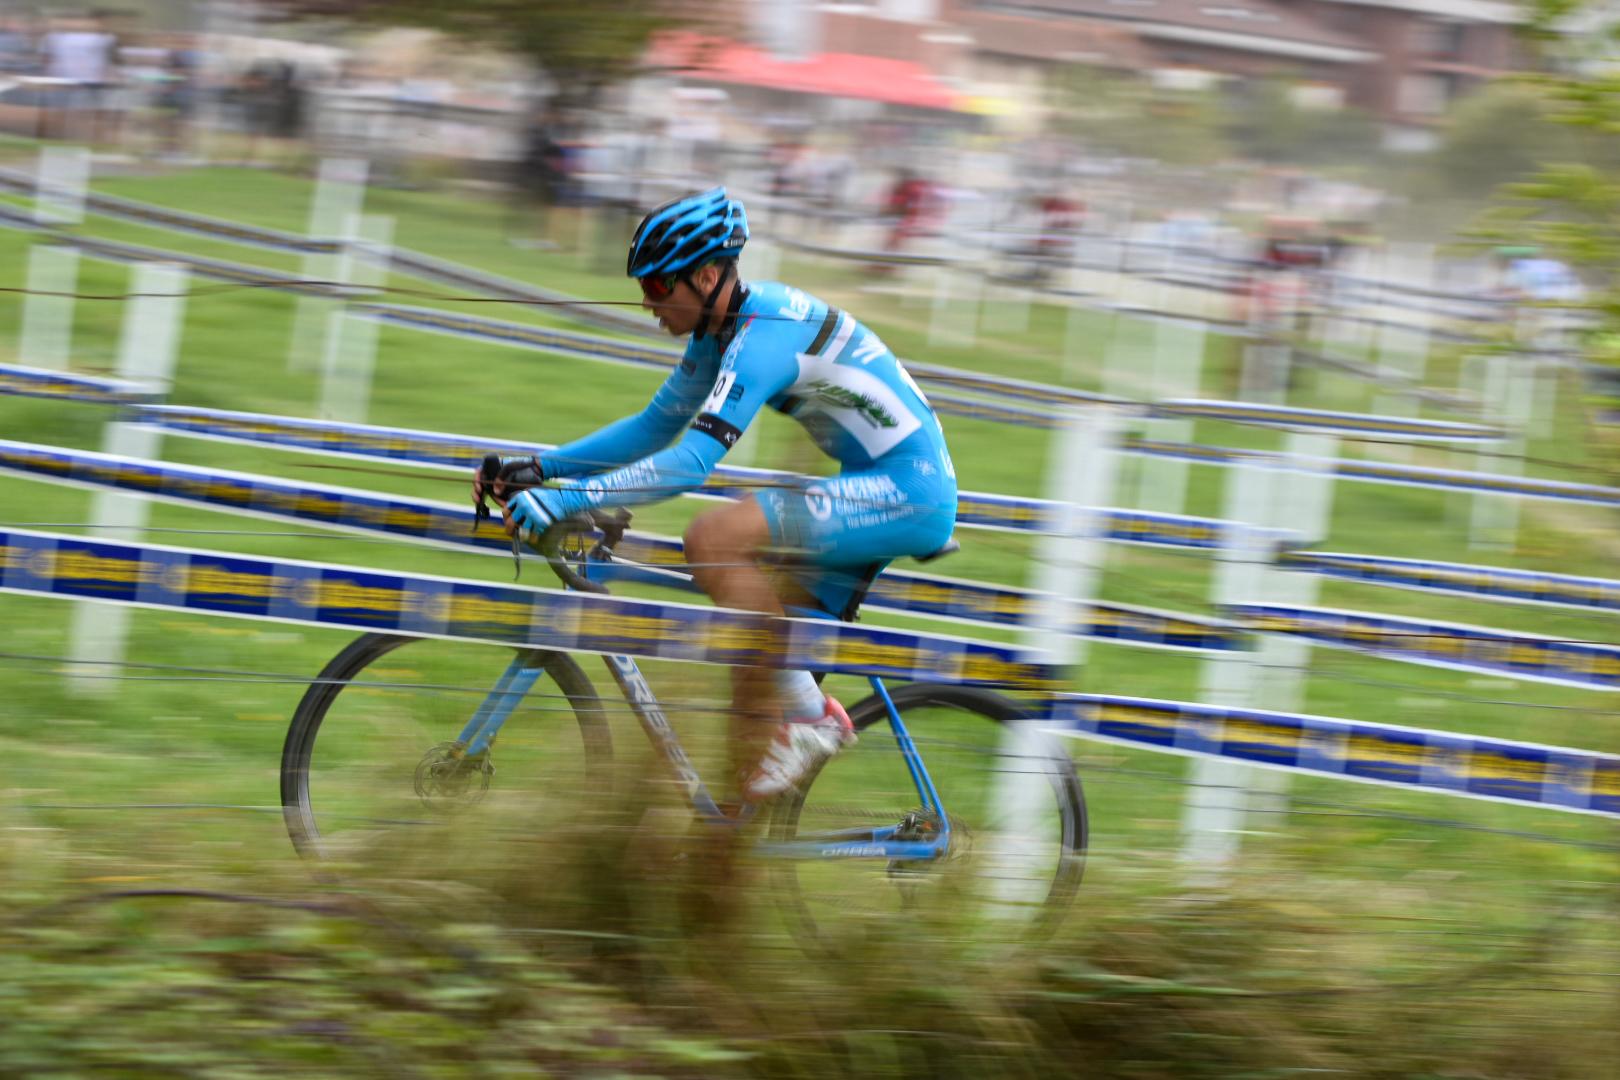 La primera de ciclo cross